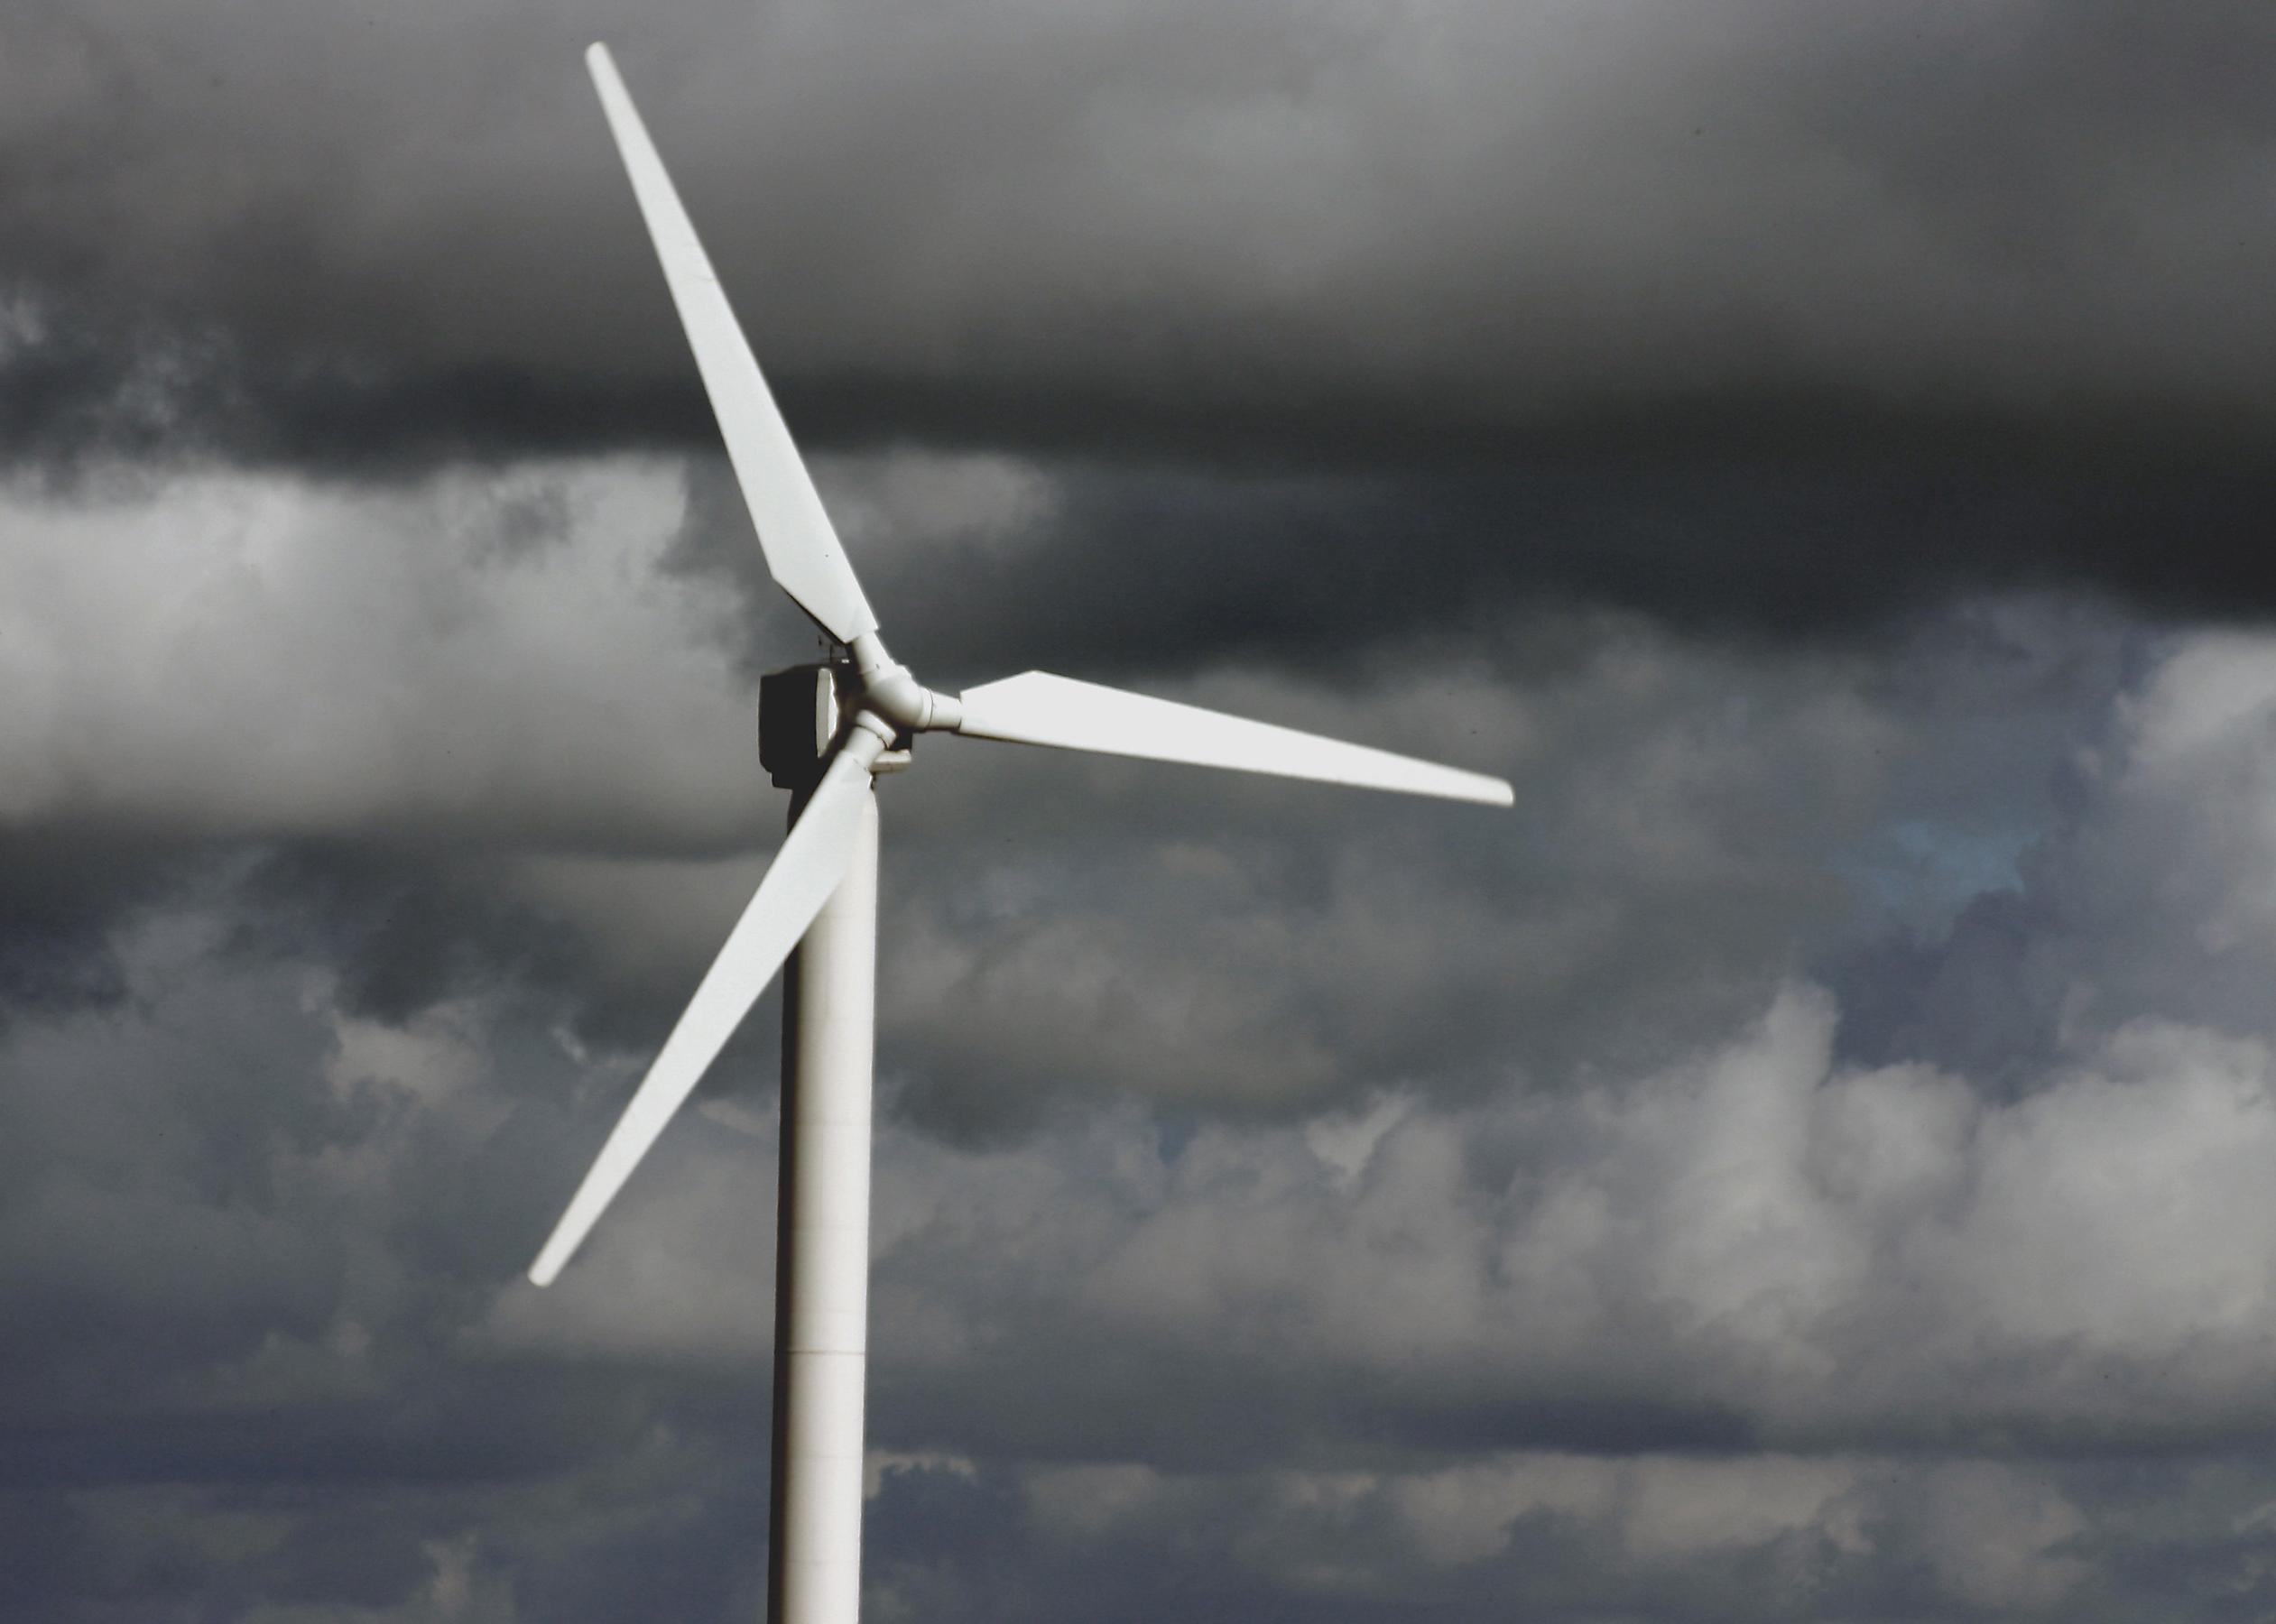 Eólica de Castilla y León gana nuevo recurso contra el hachazo a las energías renovables